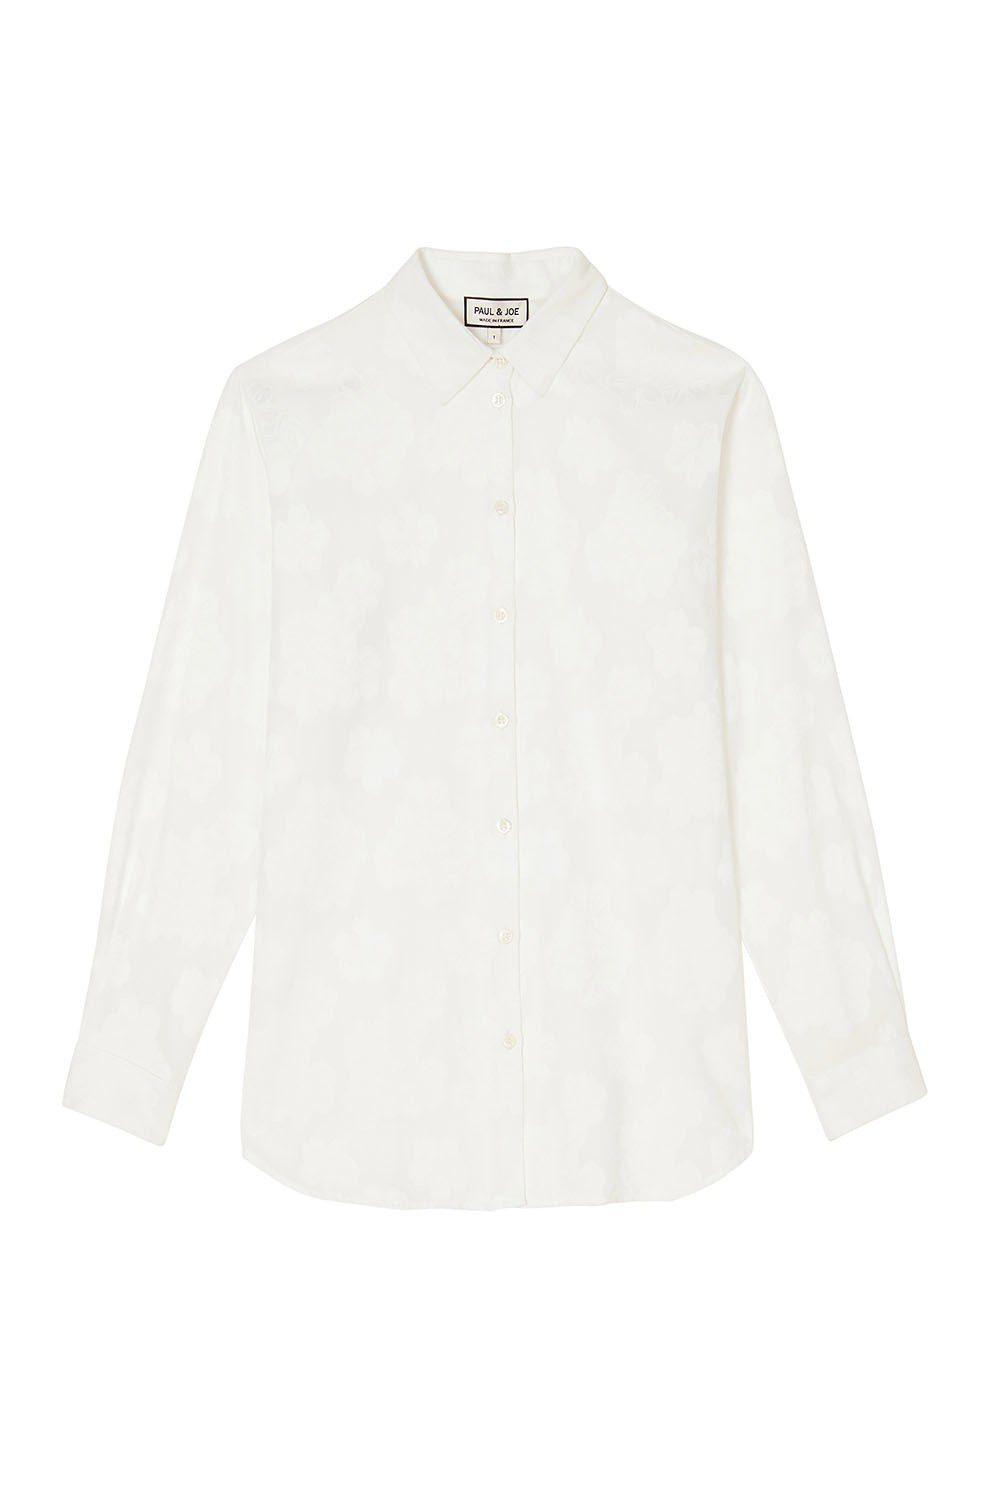 緹花刺繡襯衫,12,800元。圖/Paul & Joe提供